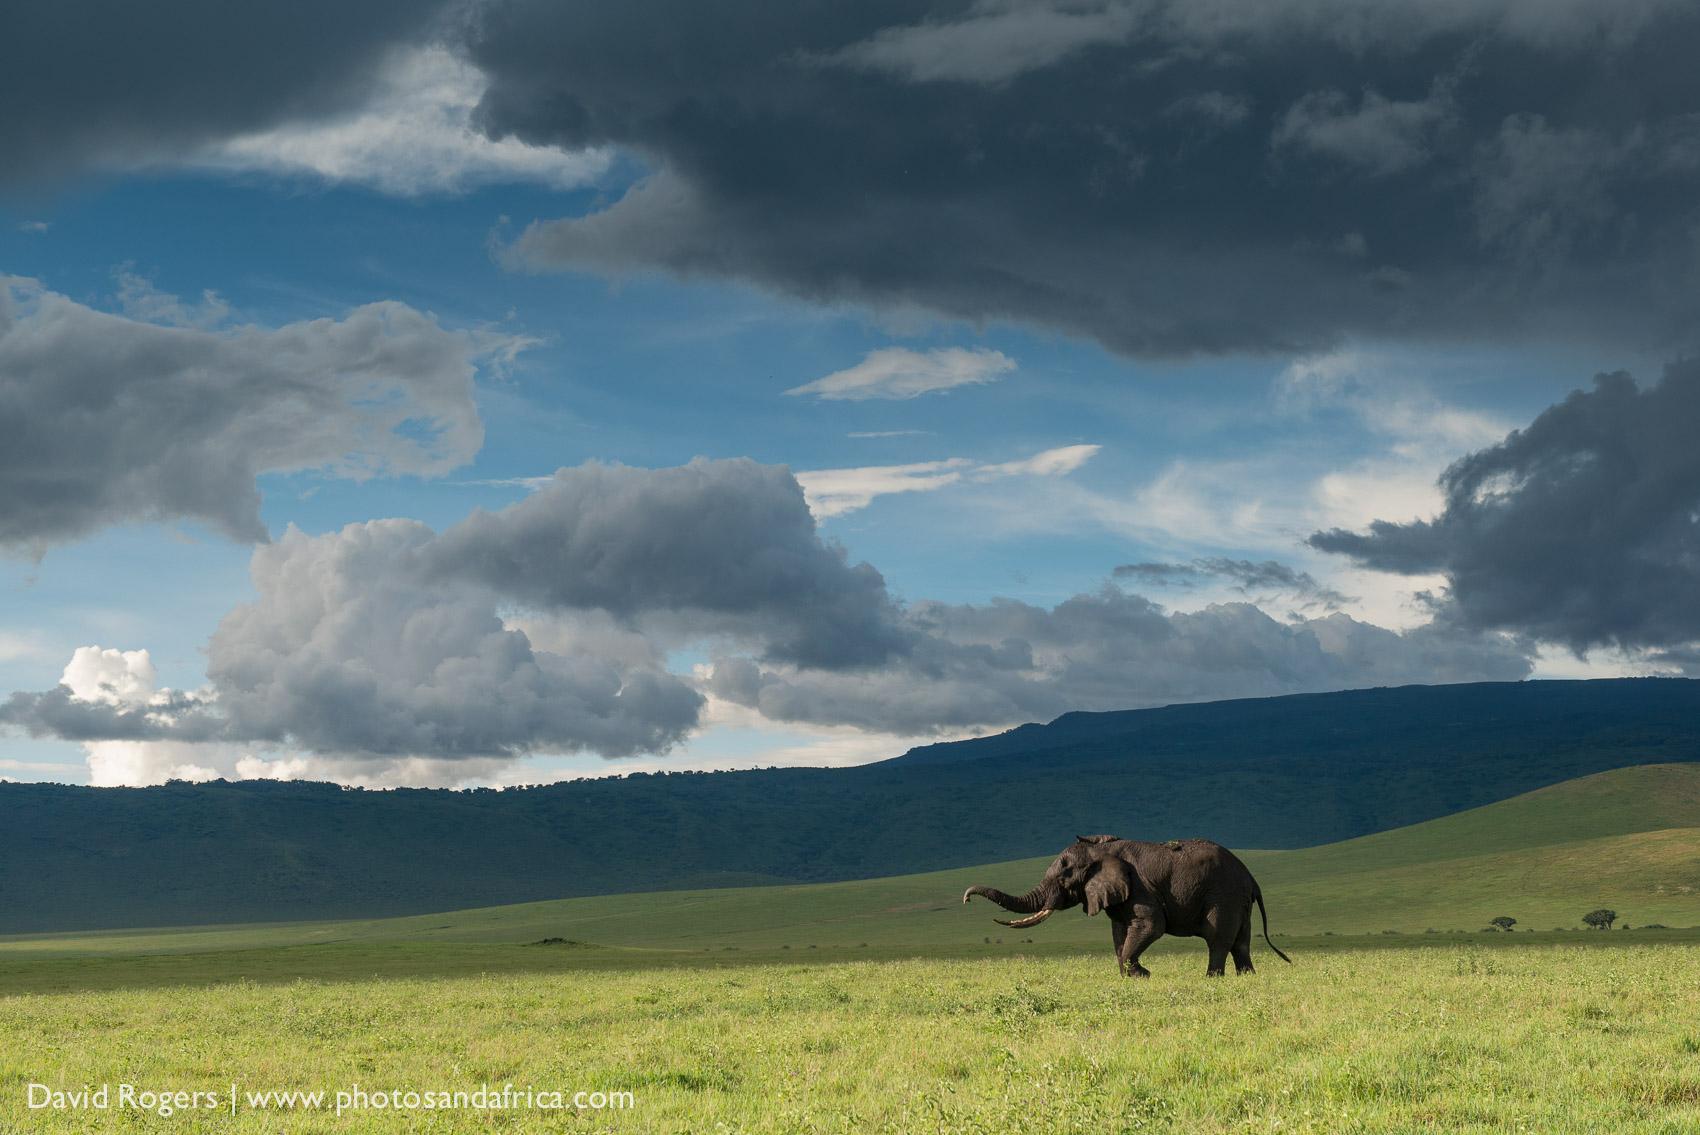 Tanzania Photos And Africa